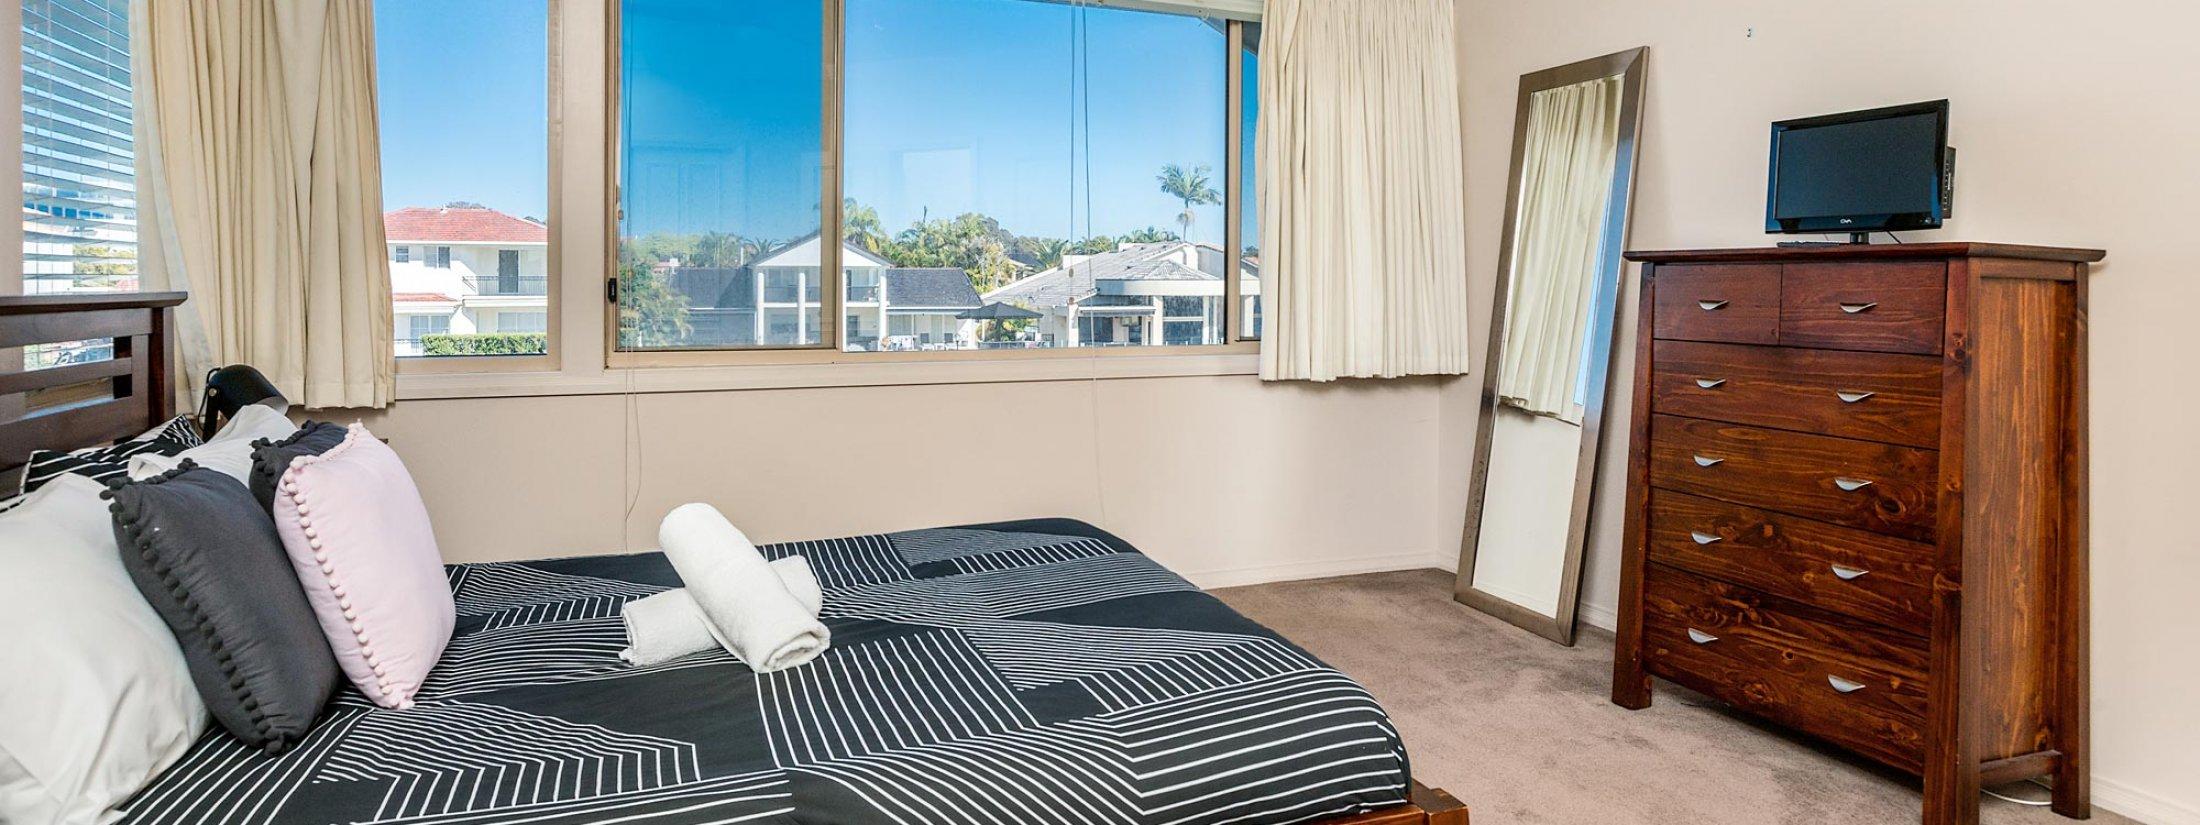 Casa Aqua - Gold Coast - Bedroom 2